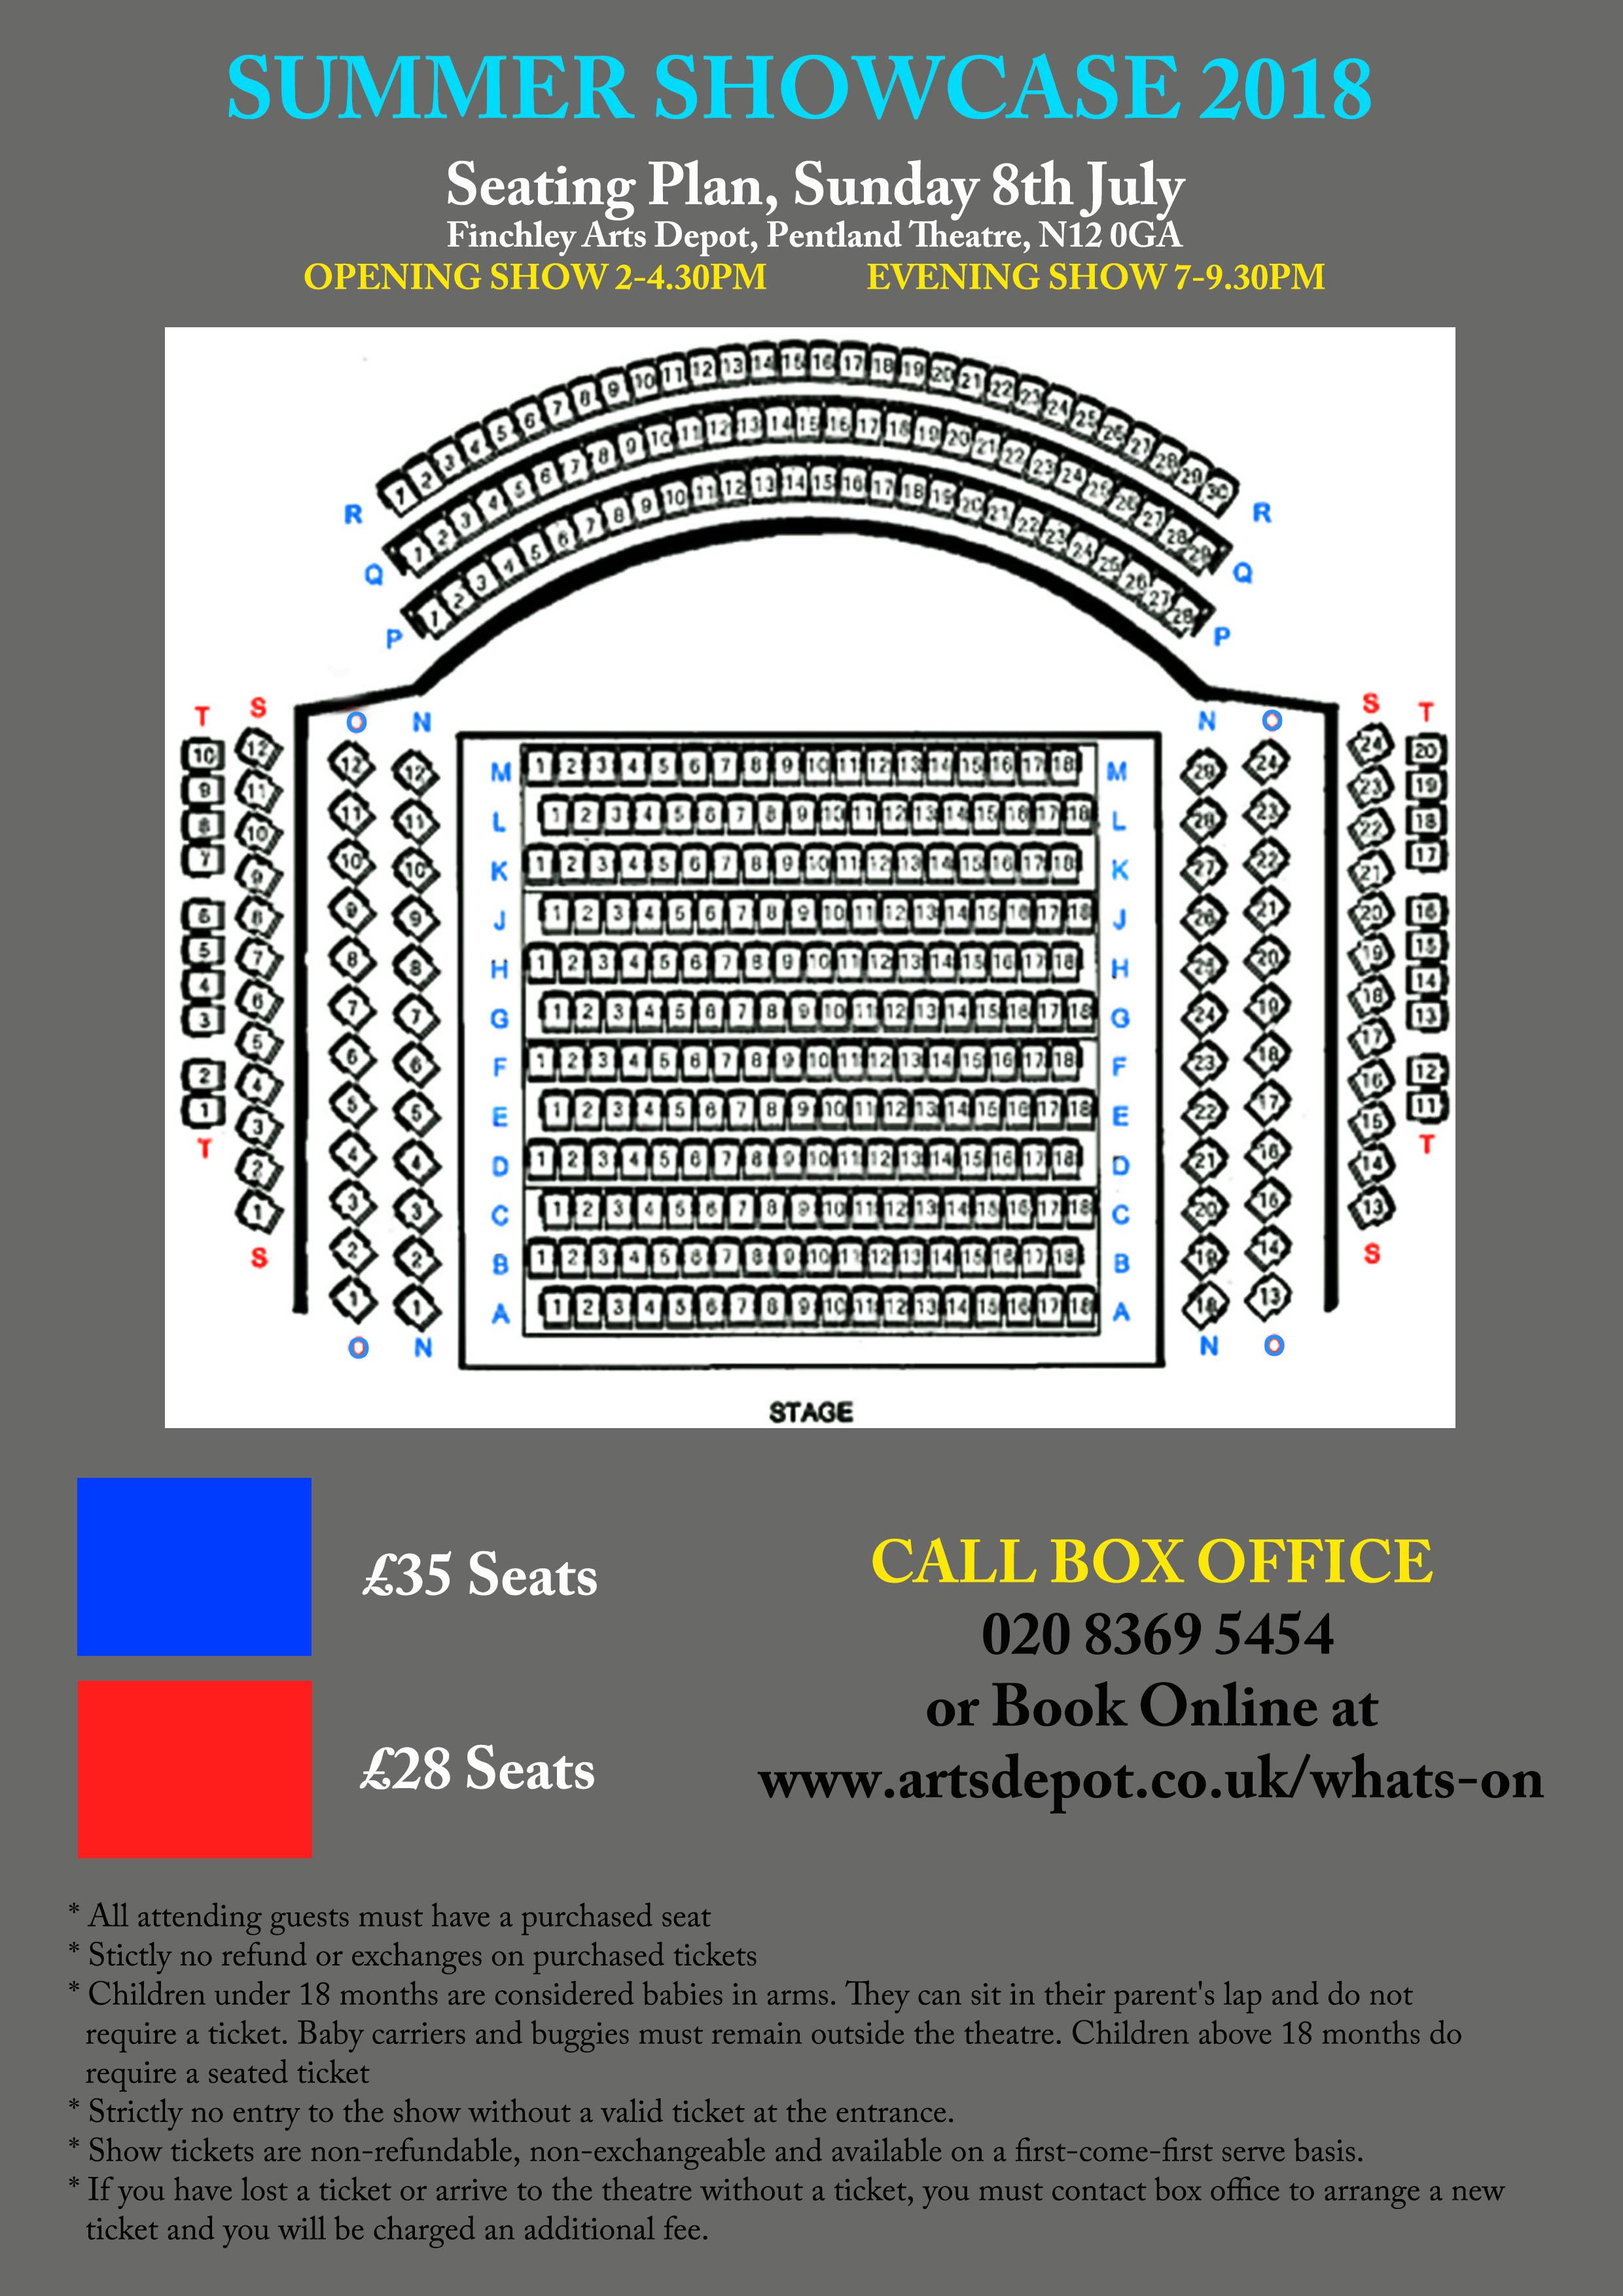 Seating Plan 2018